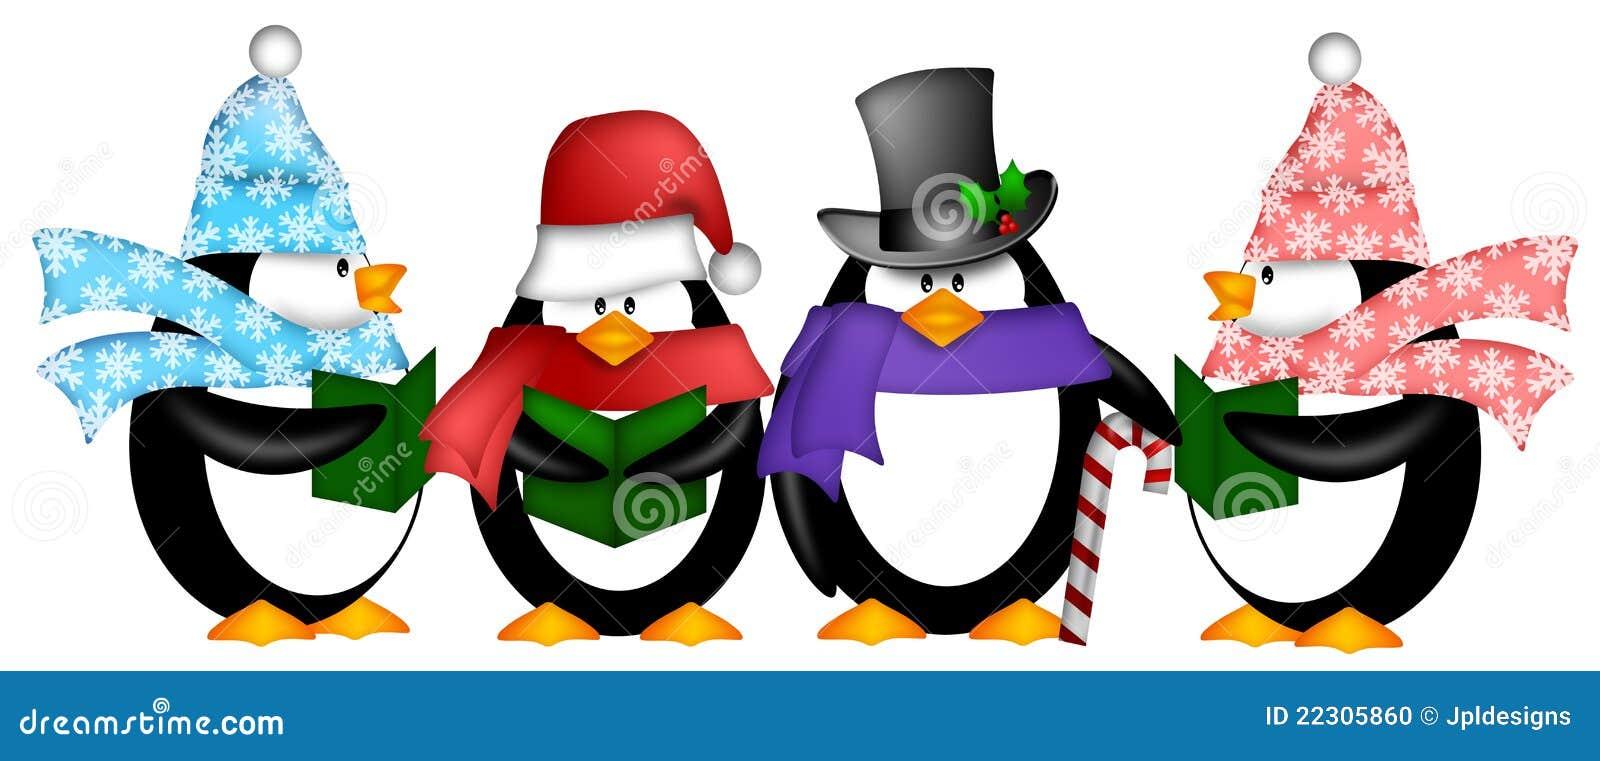 Pingouins chantant le dessin anim clipart de chant de no l illustration stock illustration du - Dessin anime les pingouins ...